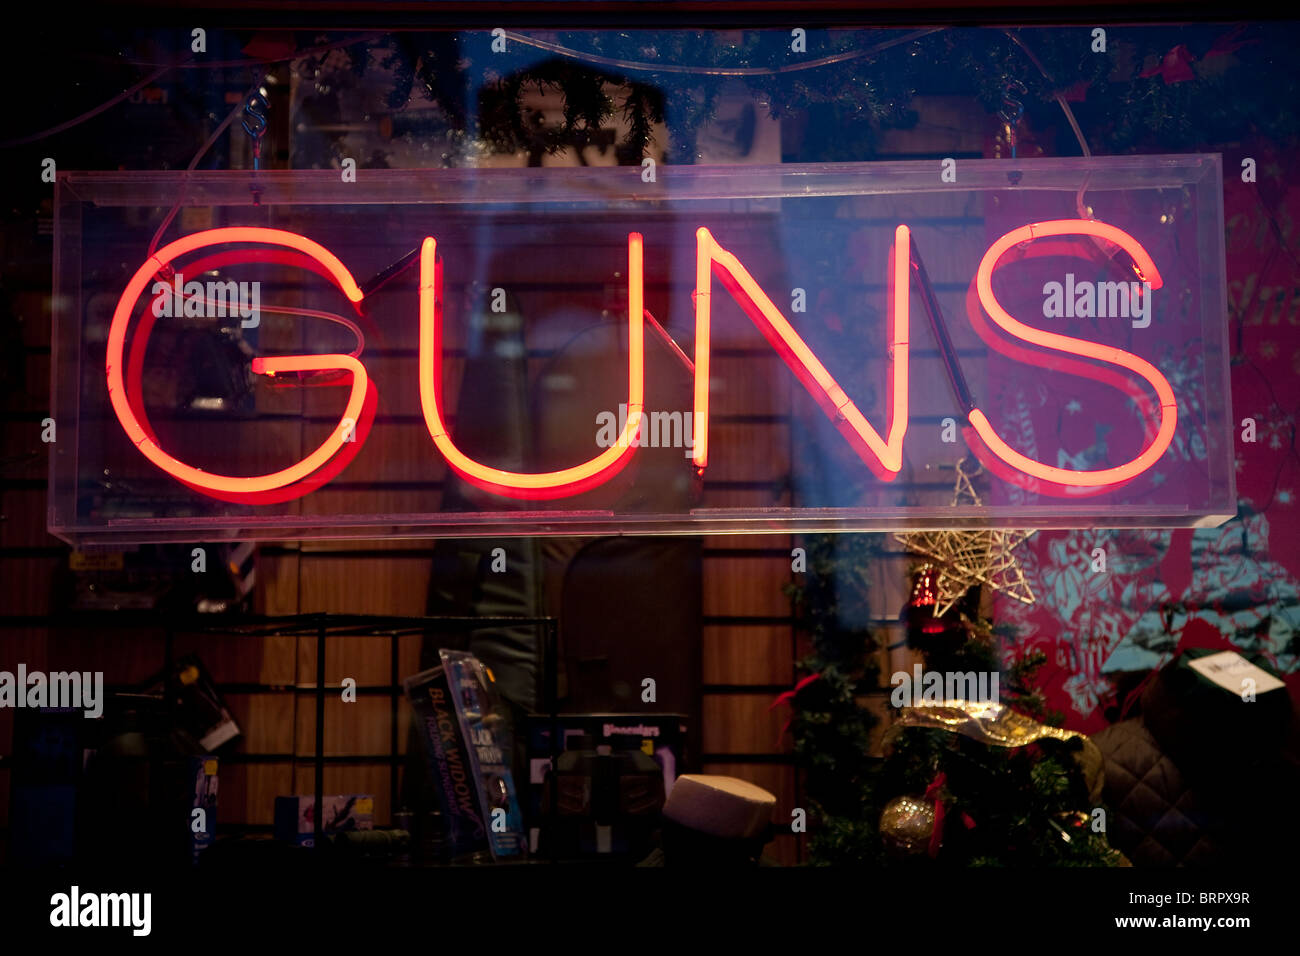 Ladenschild Fenster Werbung Waffen zu verkaufen. Foto: Jeff Gilbert Stockbild